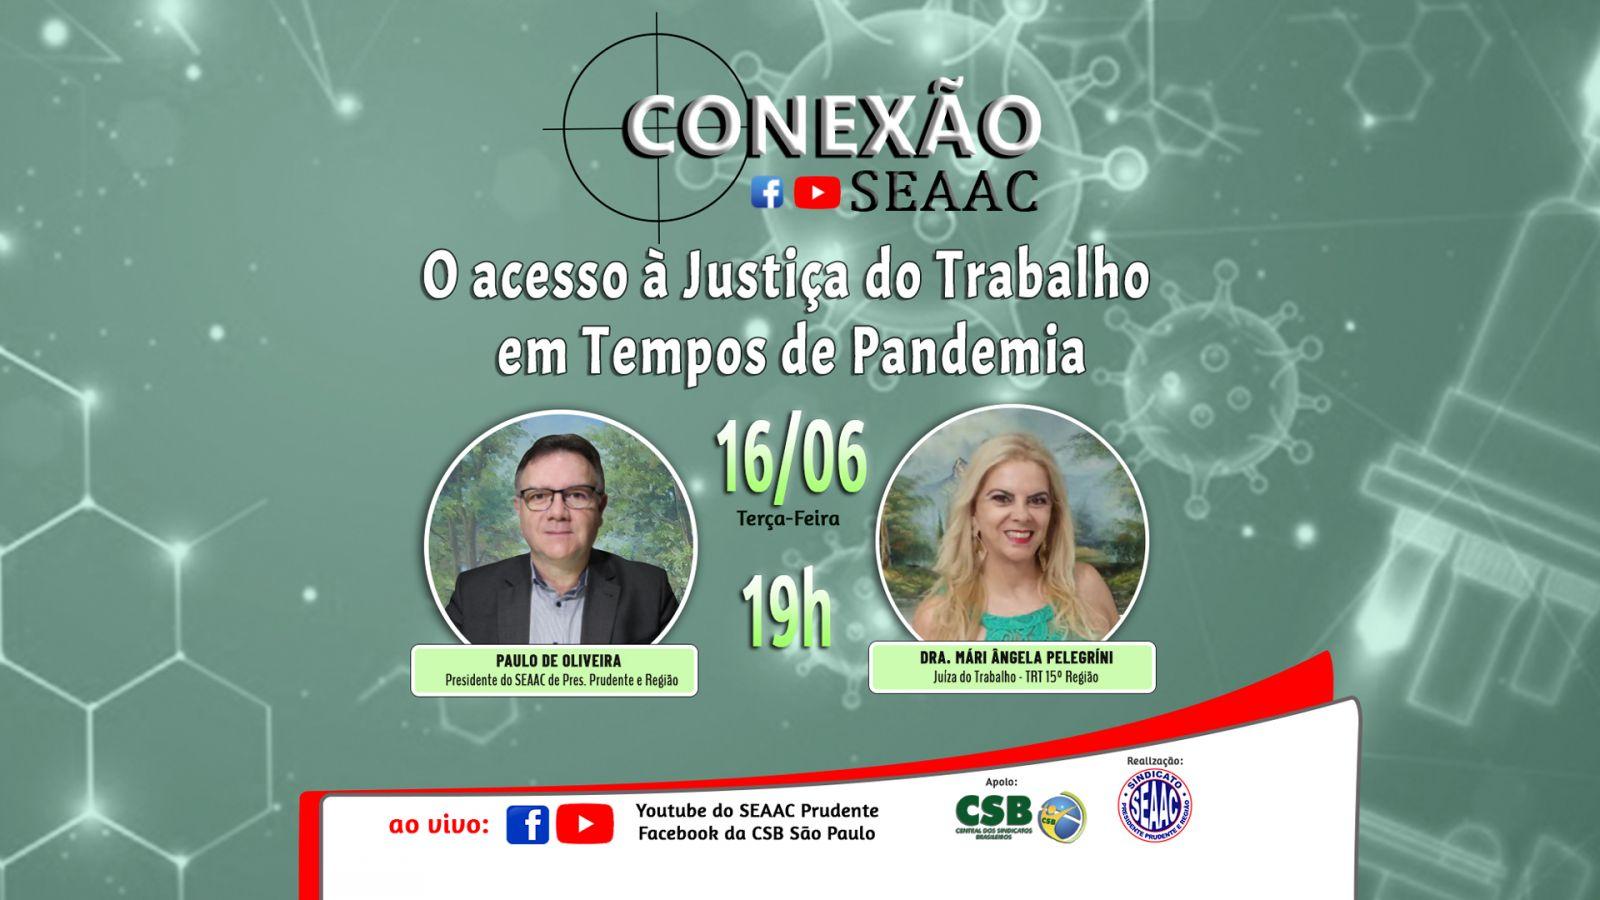 JUÍZA DO TRABALHO PARTICIPOU DO CONEXÃO SEAAC